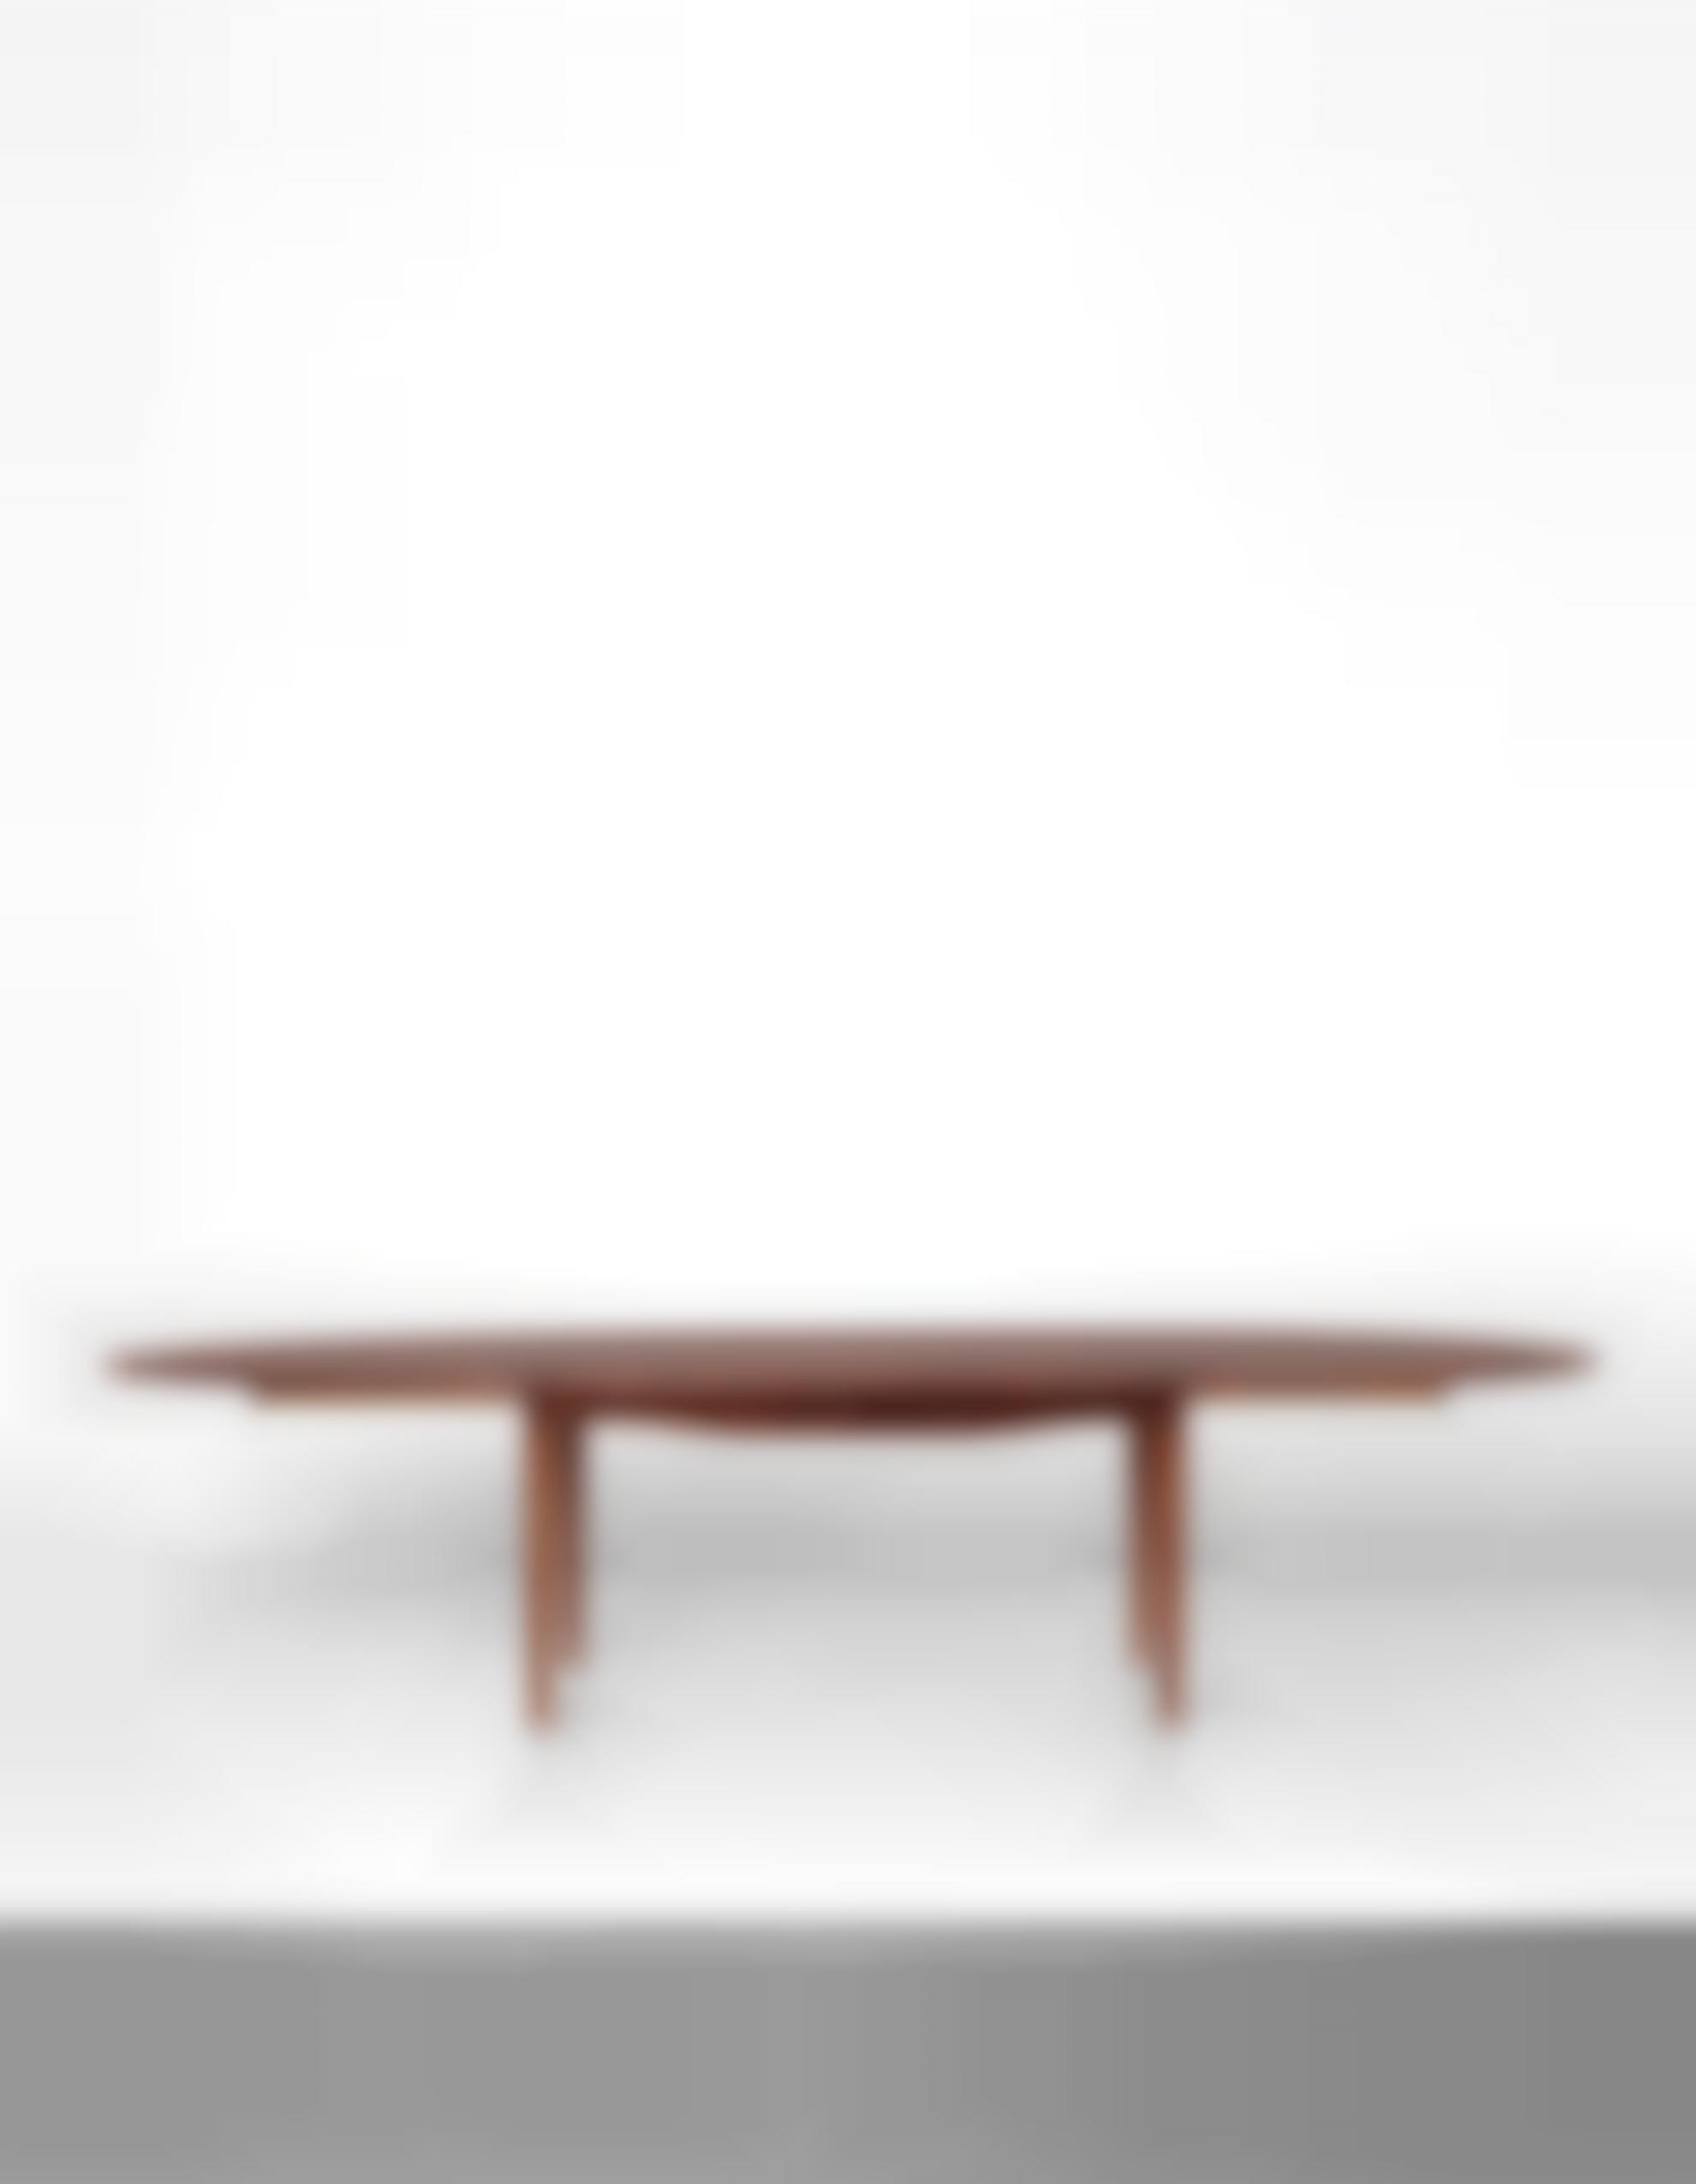 Finn Juhl-Rare And Large Extendable Dining Table, Model No. Fj 49 T-1949